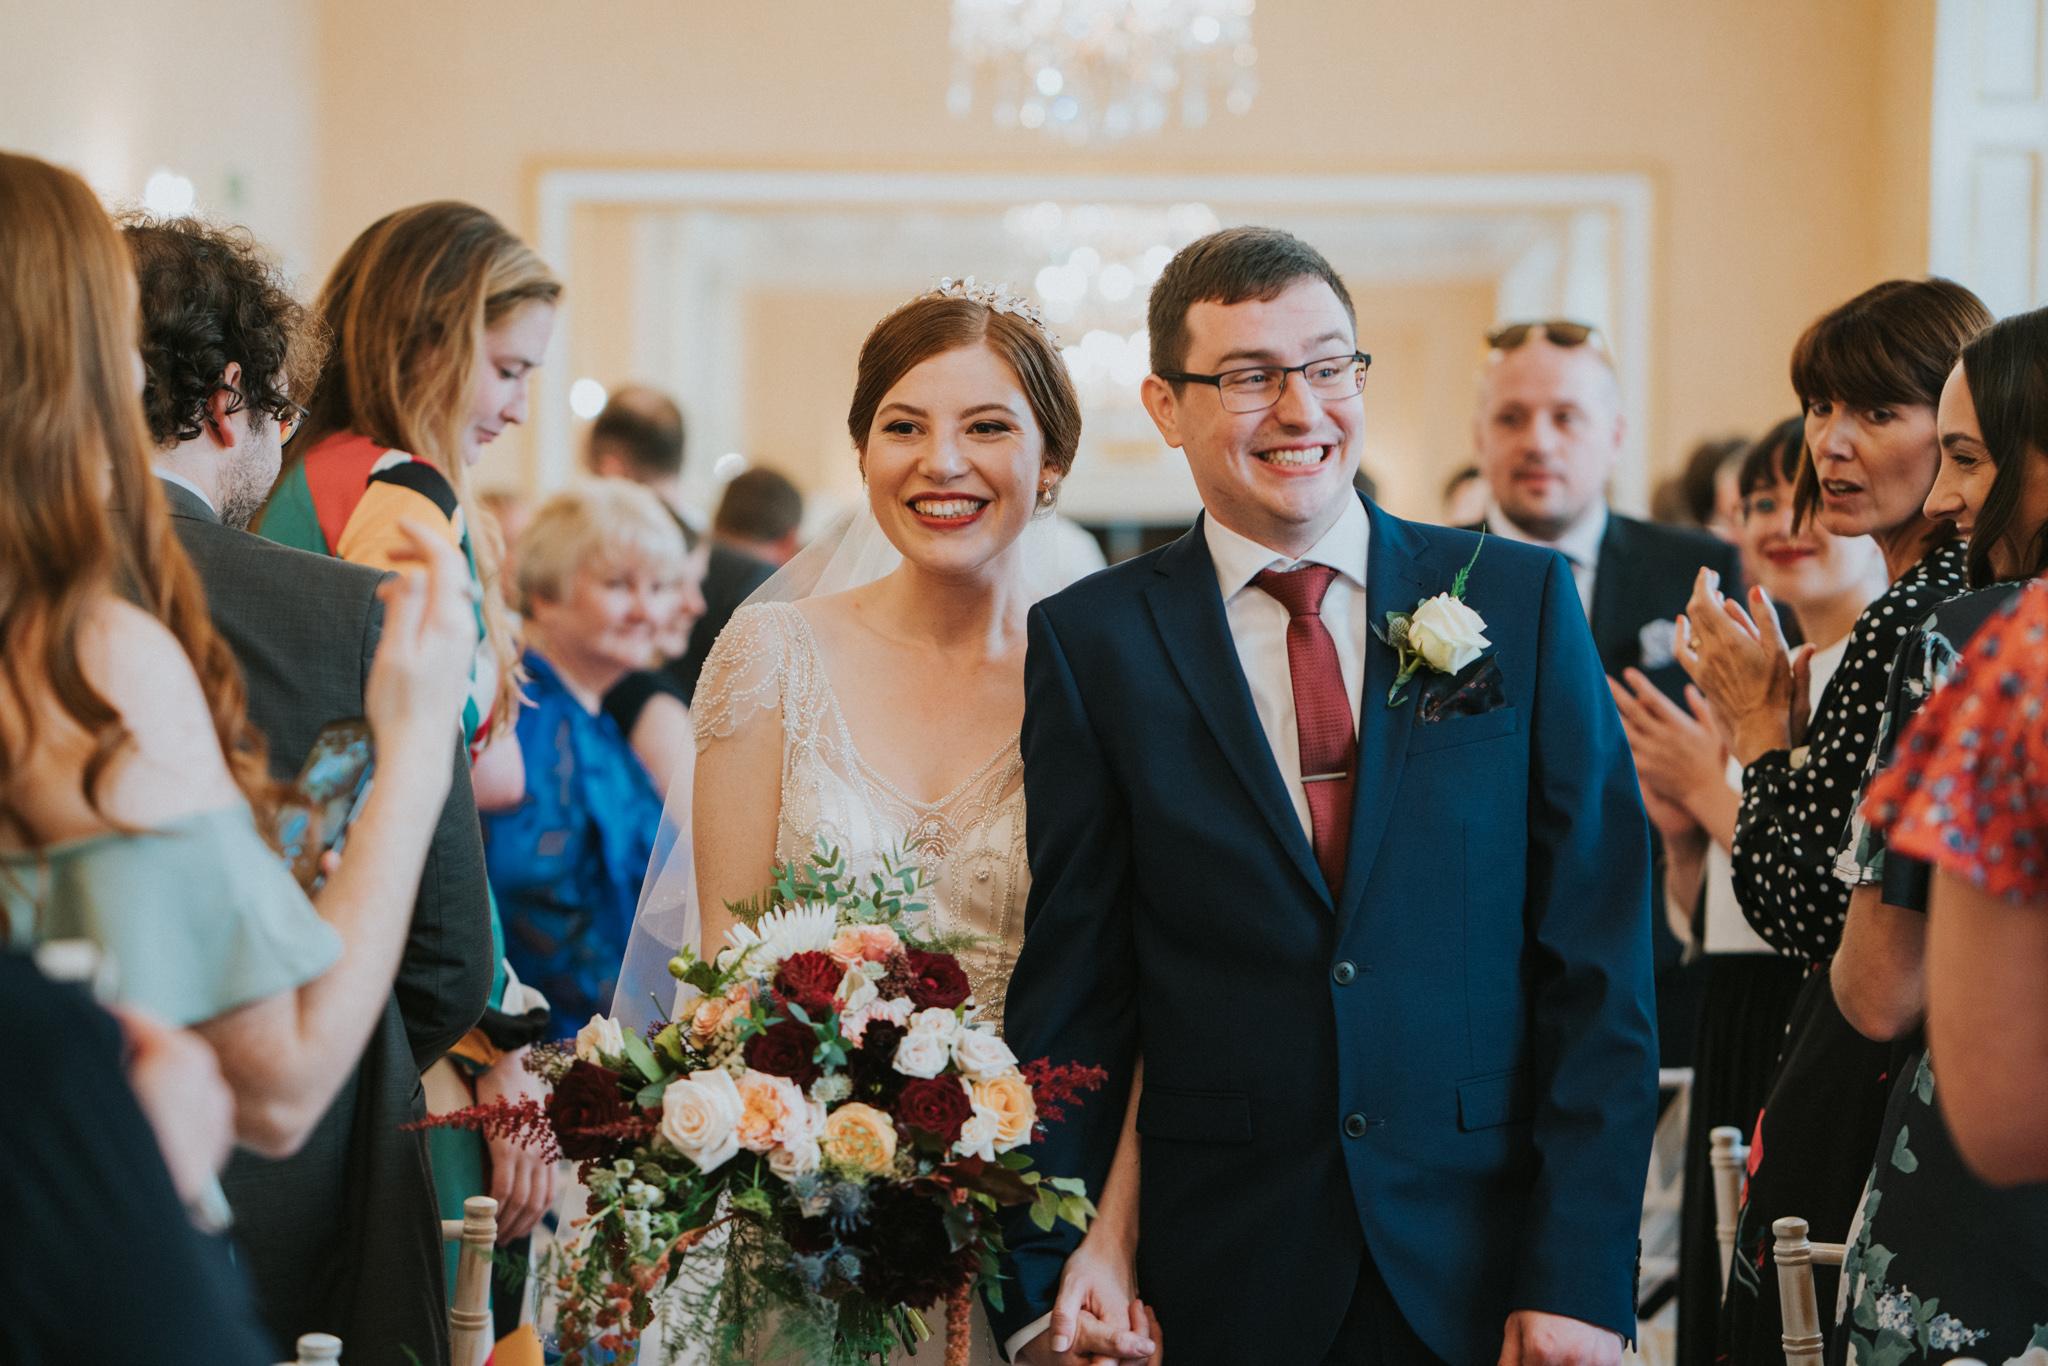 philippa-mark-holmewood-hall-peterborough-grace-elizabeth-colchester-essex-norfolk-devon-suffolk-alternative-wedding-photographer (37 of 62).jpg